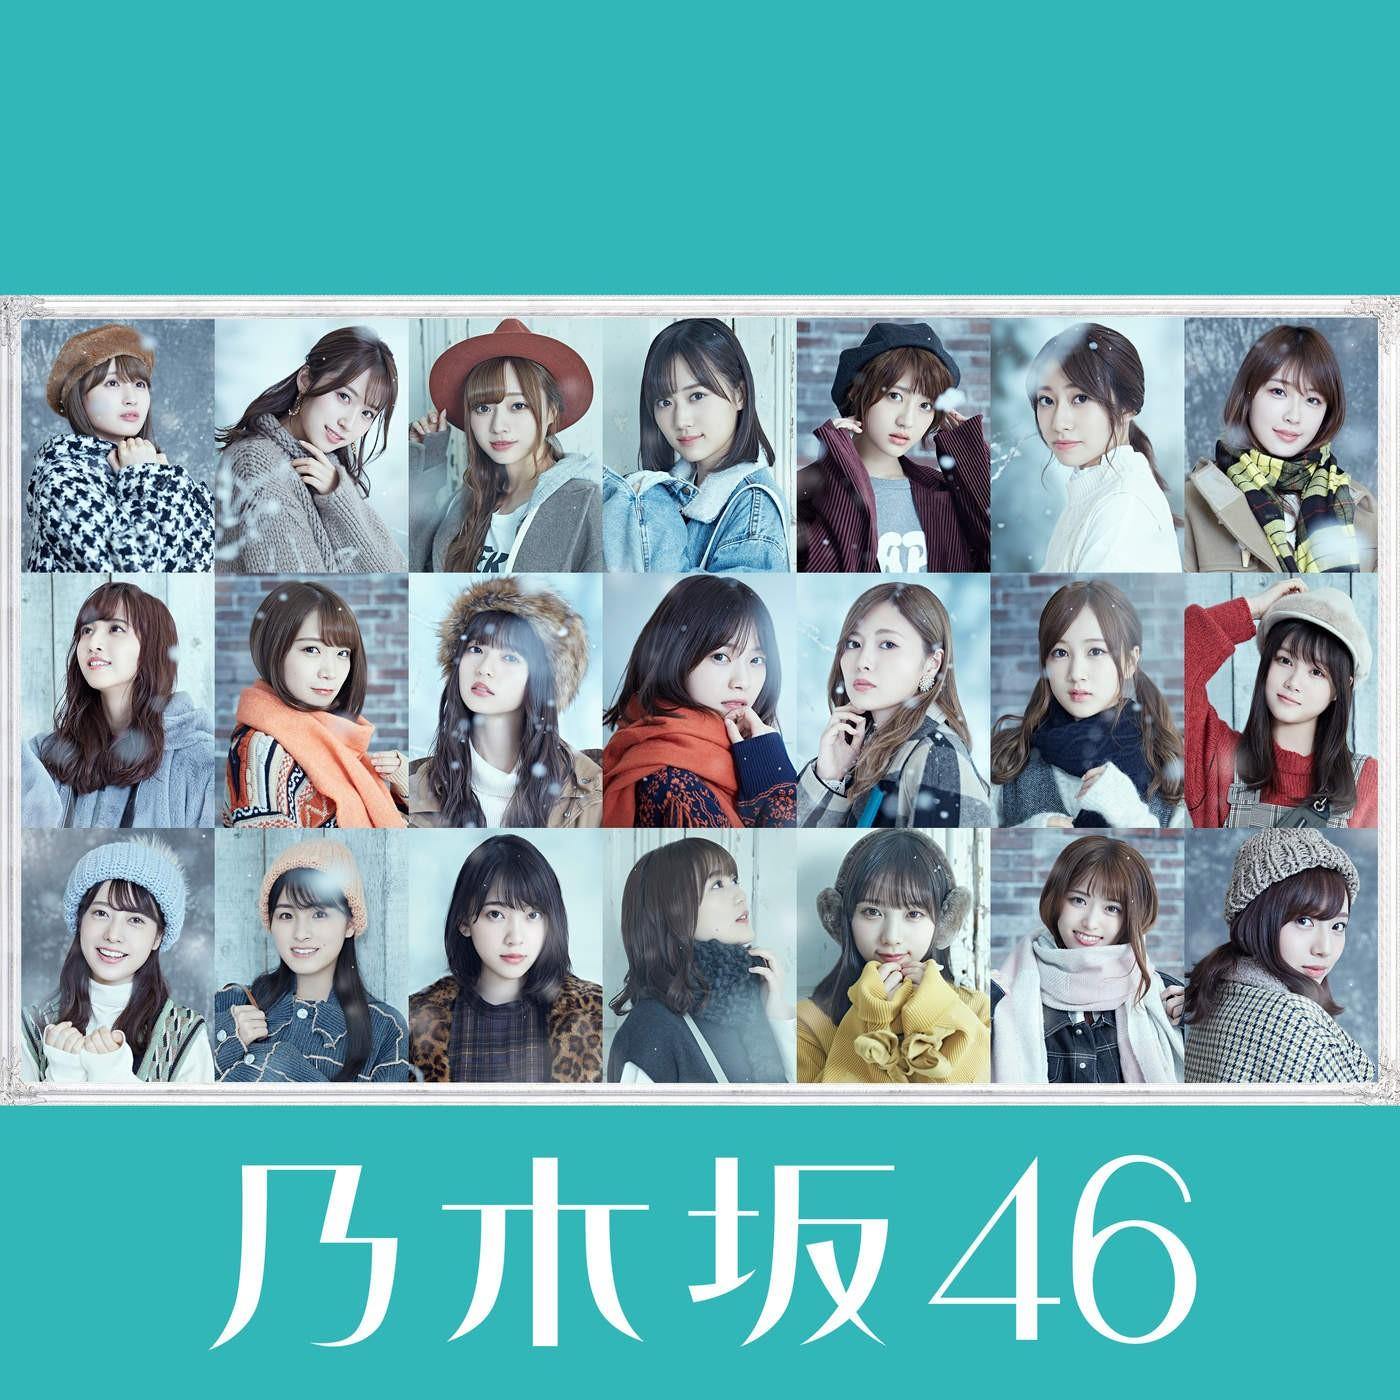 乃木坂46 (Nogizaka46) – 帰り道は遠回りしたくなる [FLAC + MP3 320 / CD] [2018.11.14]